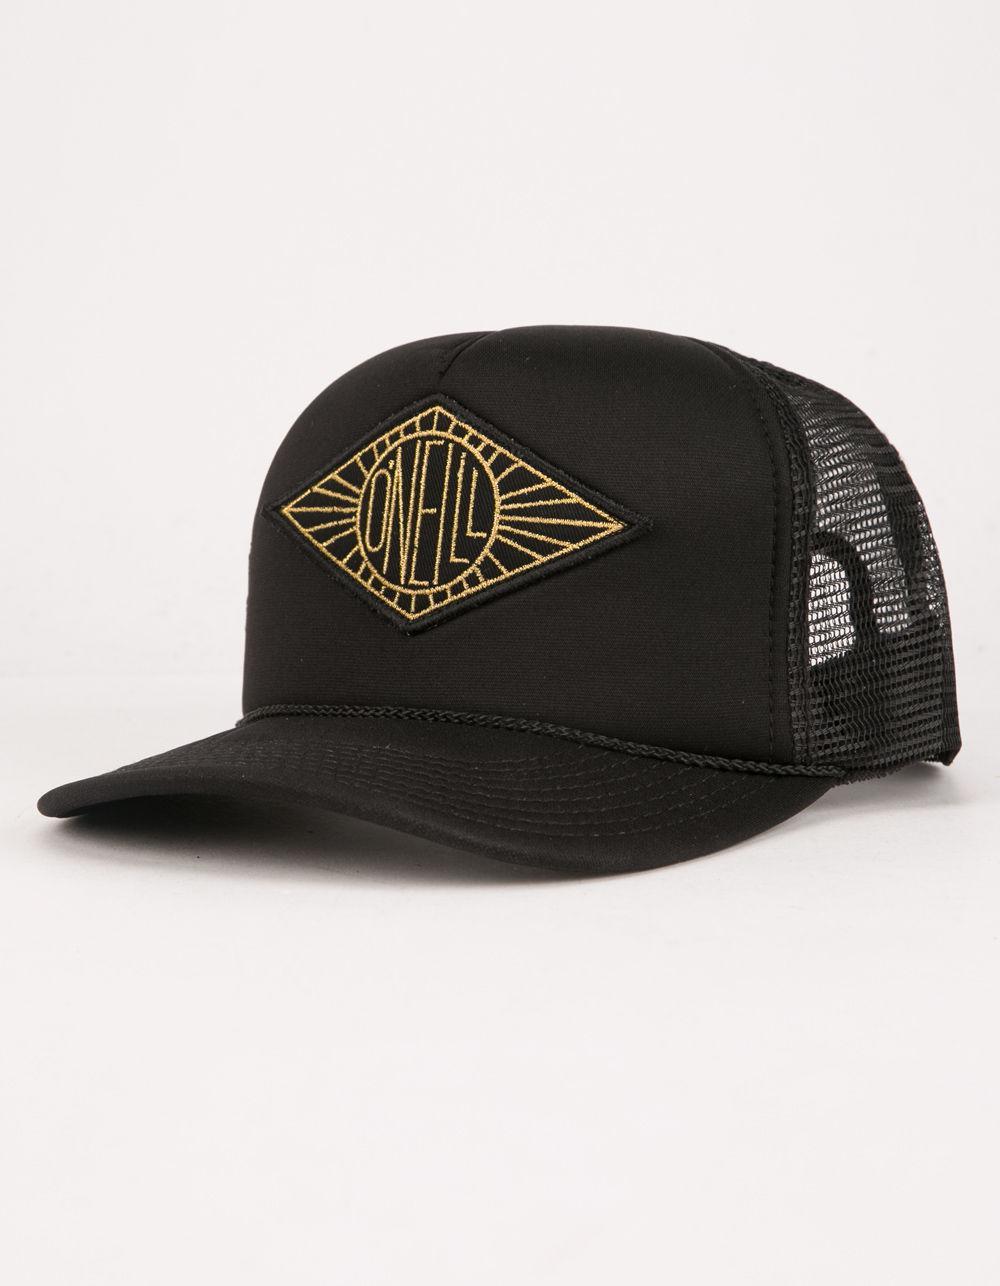 Lyst - O neill Sportswear Solstice Womens Trucker Hat in Black 2424493f9c03